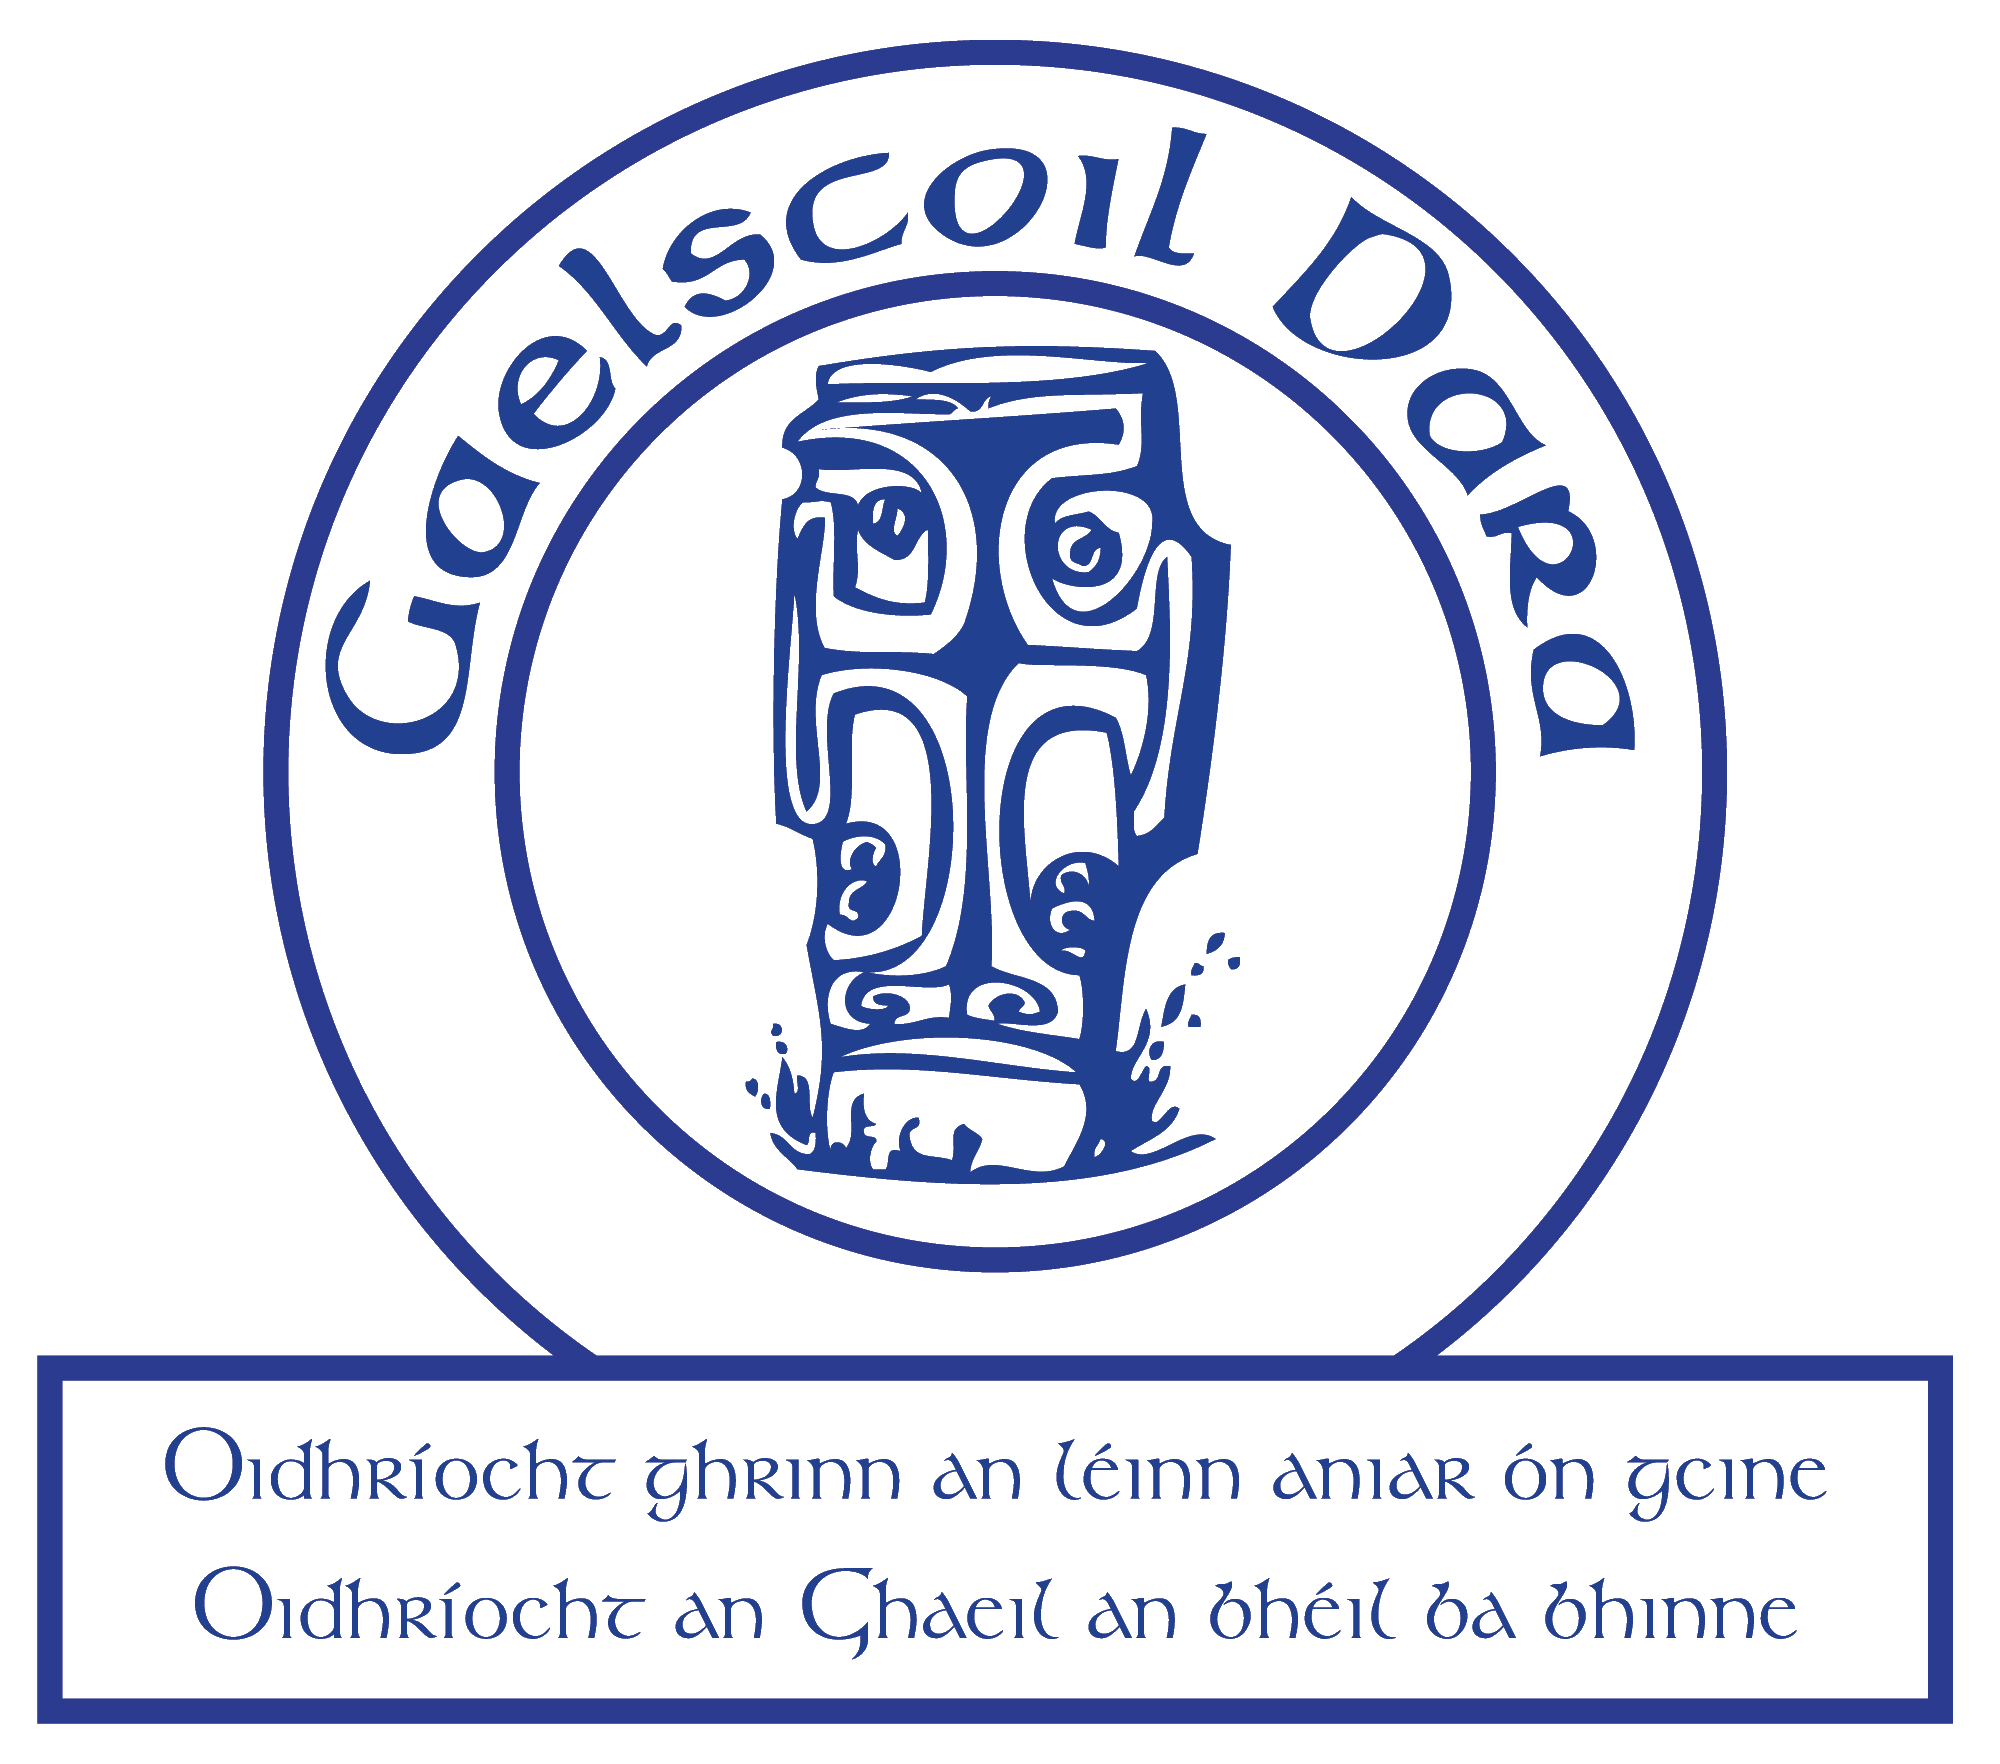 Gaelscoil Dara, An Rinn Mhór, Gaillimh